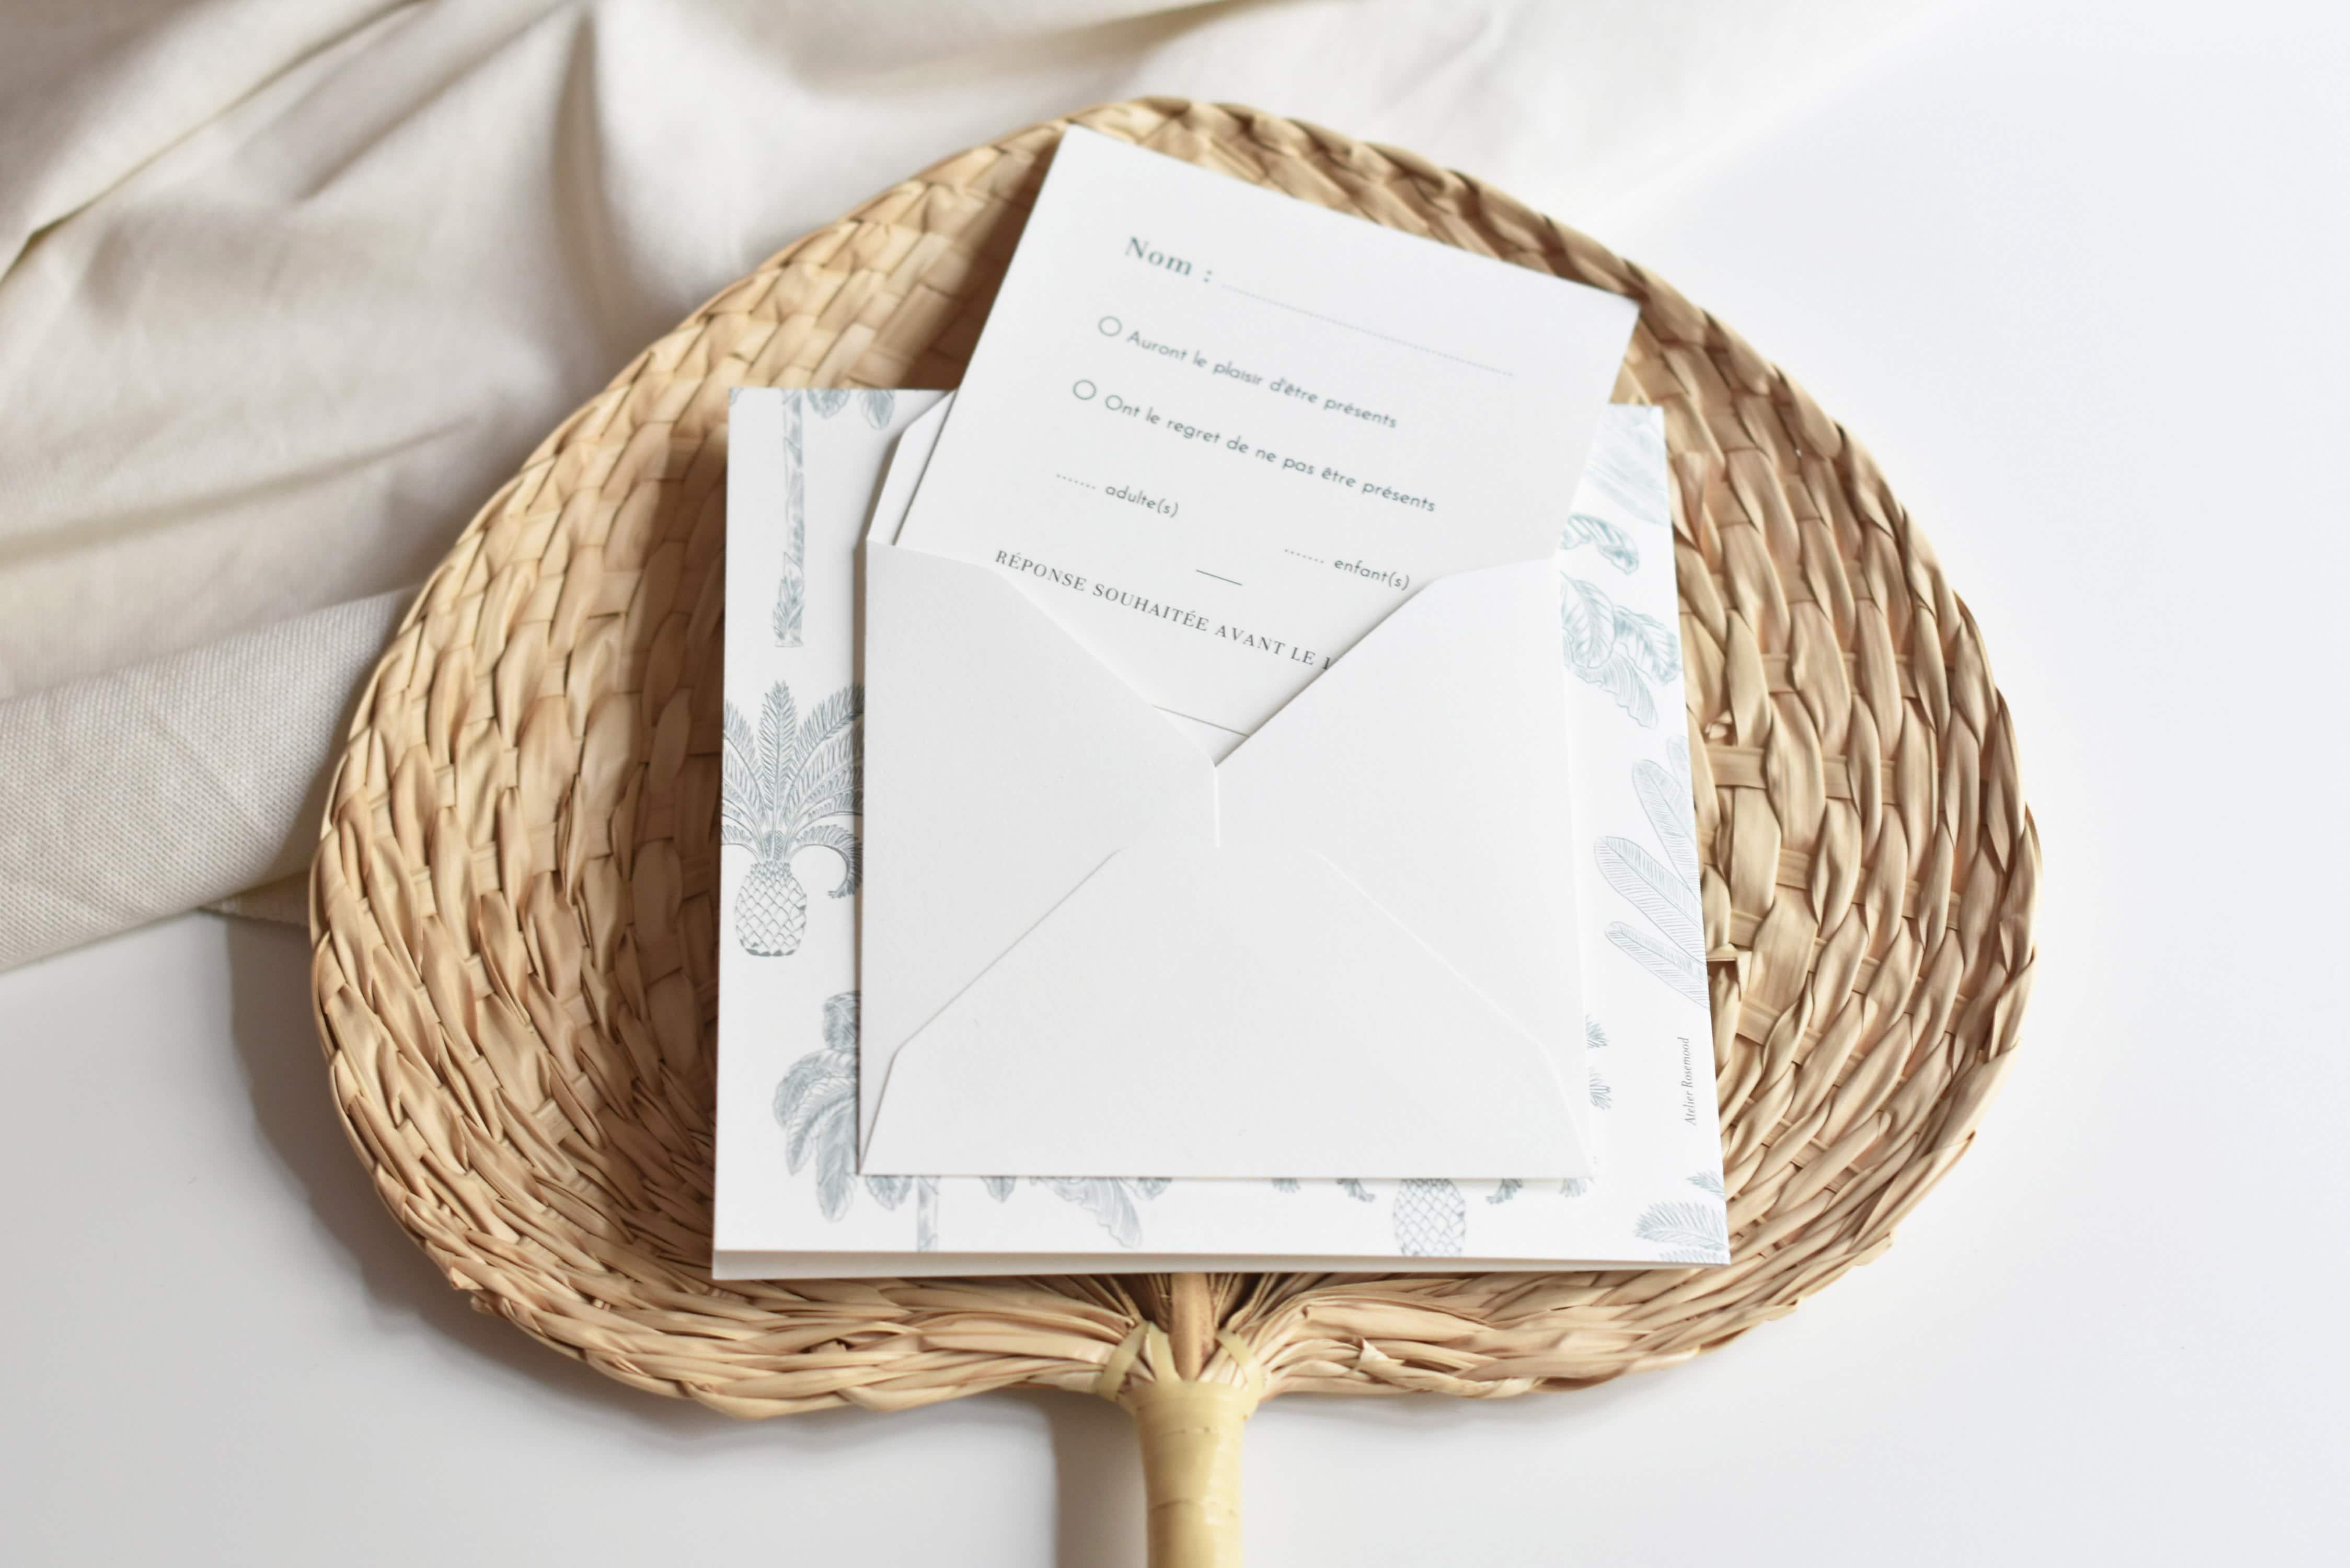 Faire part de mariage - Atelier Rosemood